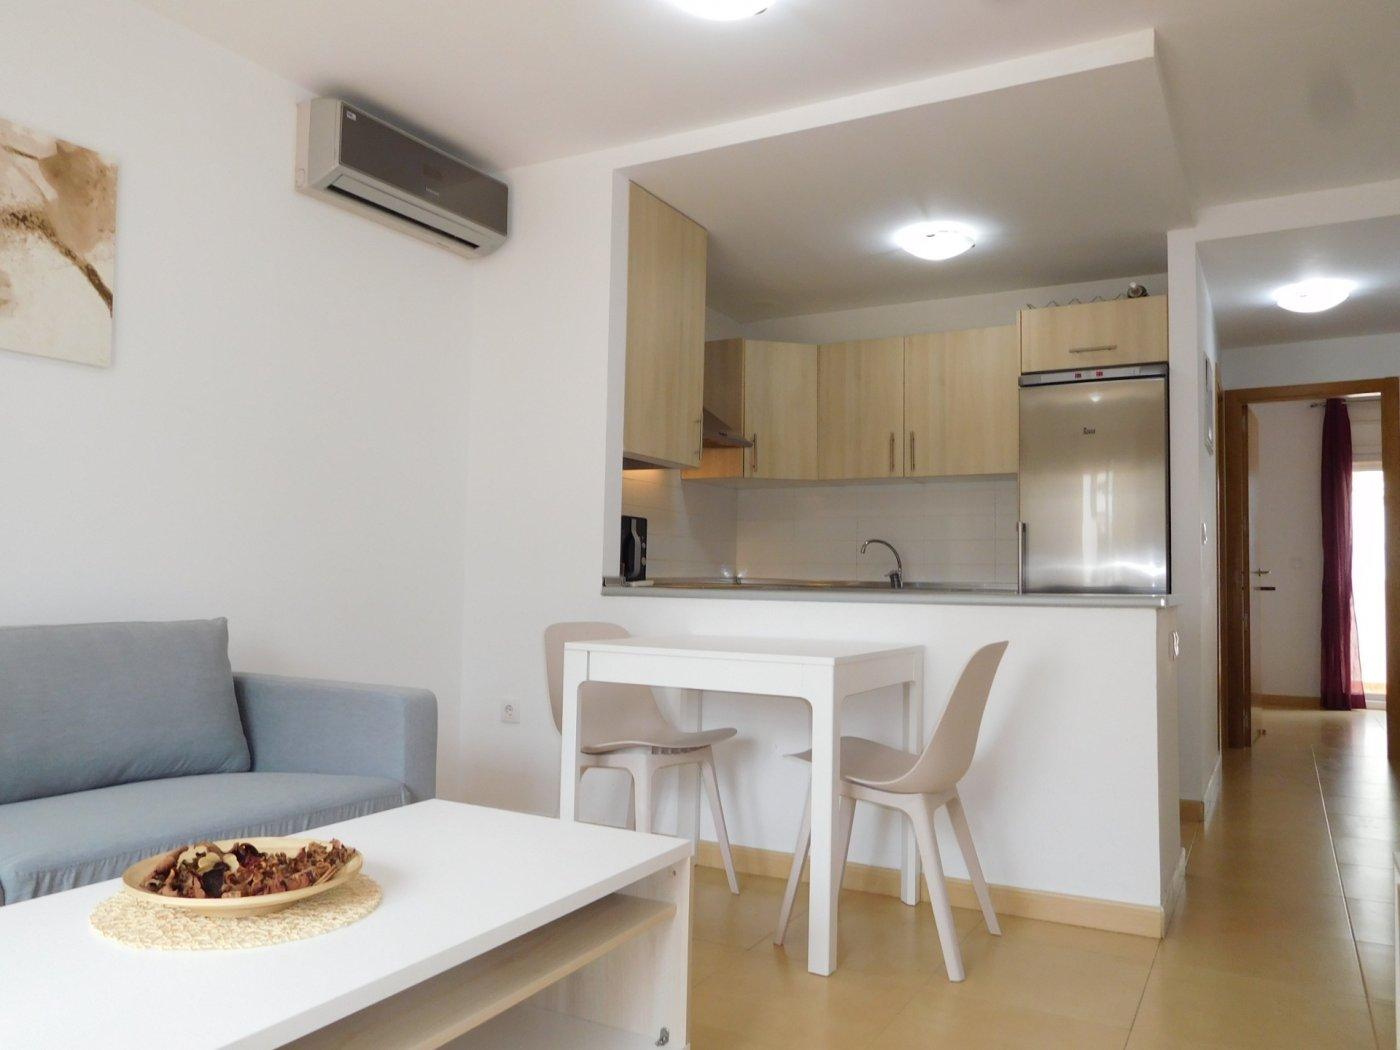 Flat ref 3265-02536 for rent in Condado De Alhama Spain - Quality Homes Costa Cálida